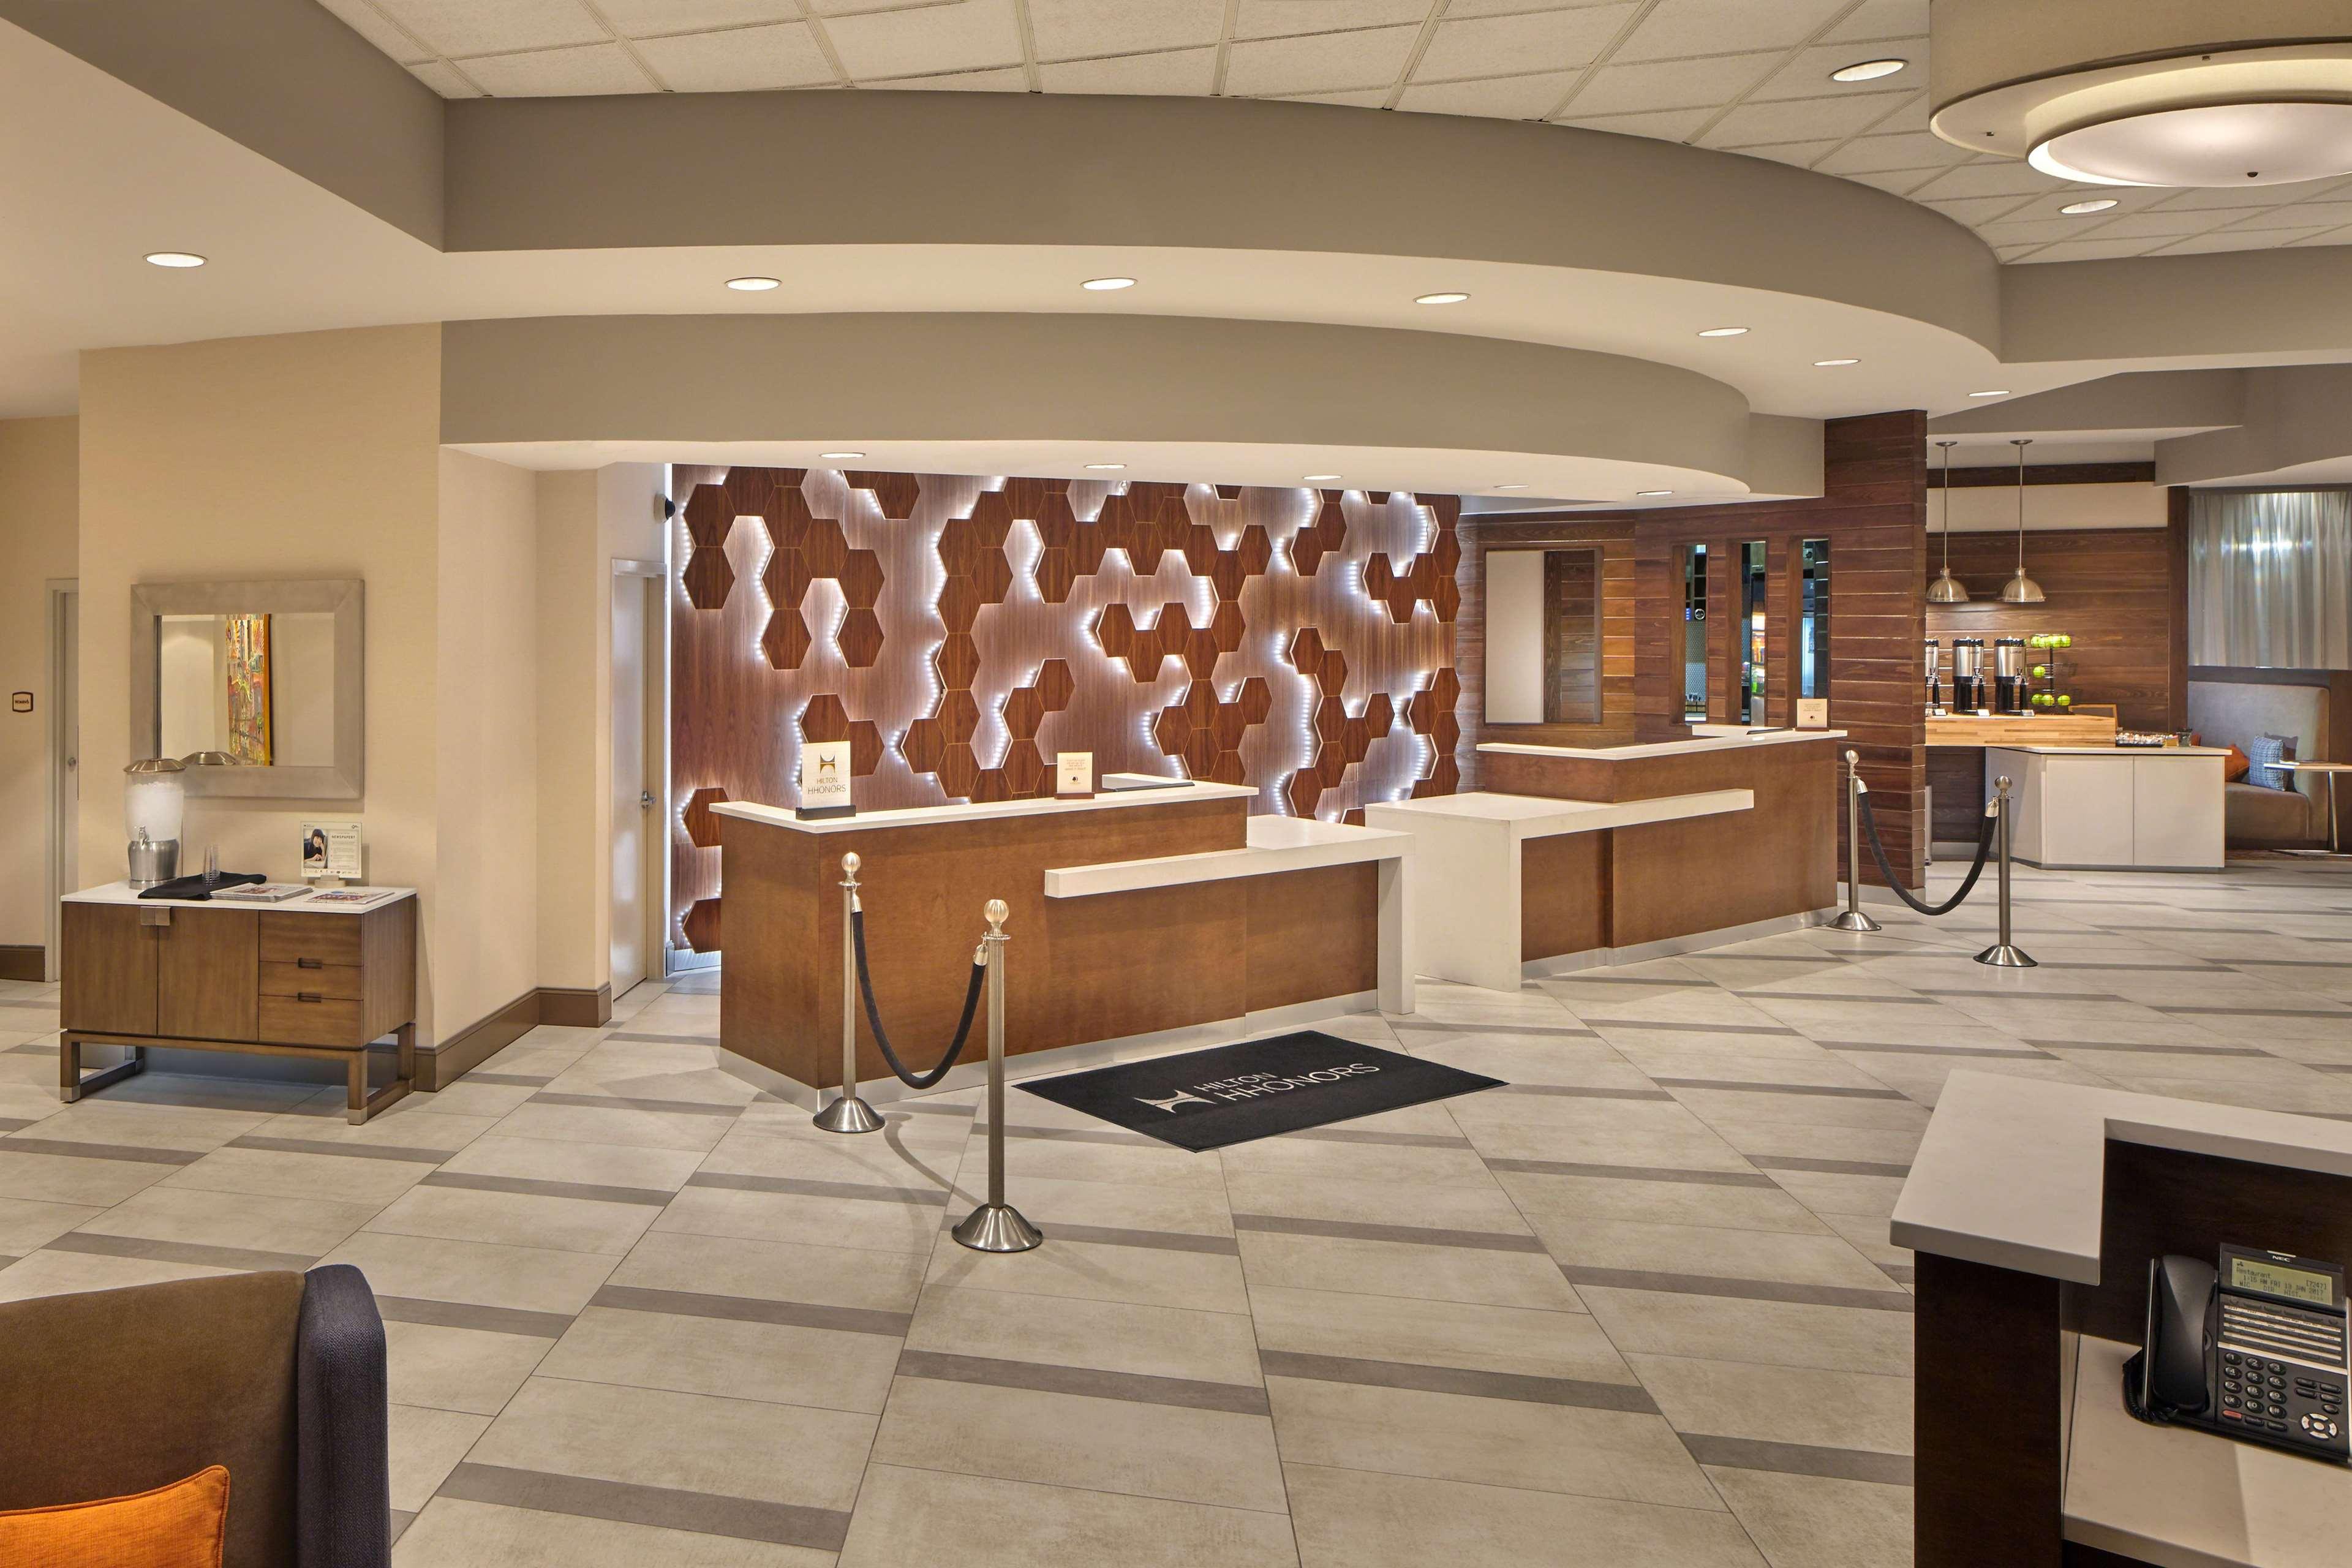 DoubleTree by Hilton Hotel Little Rock image 5